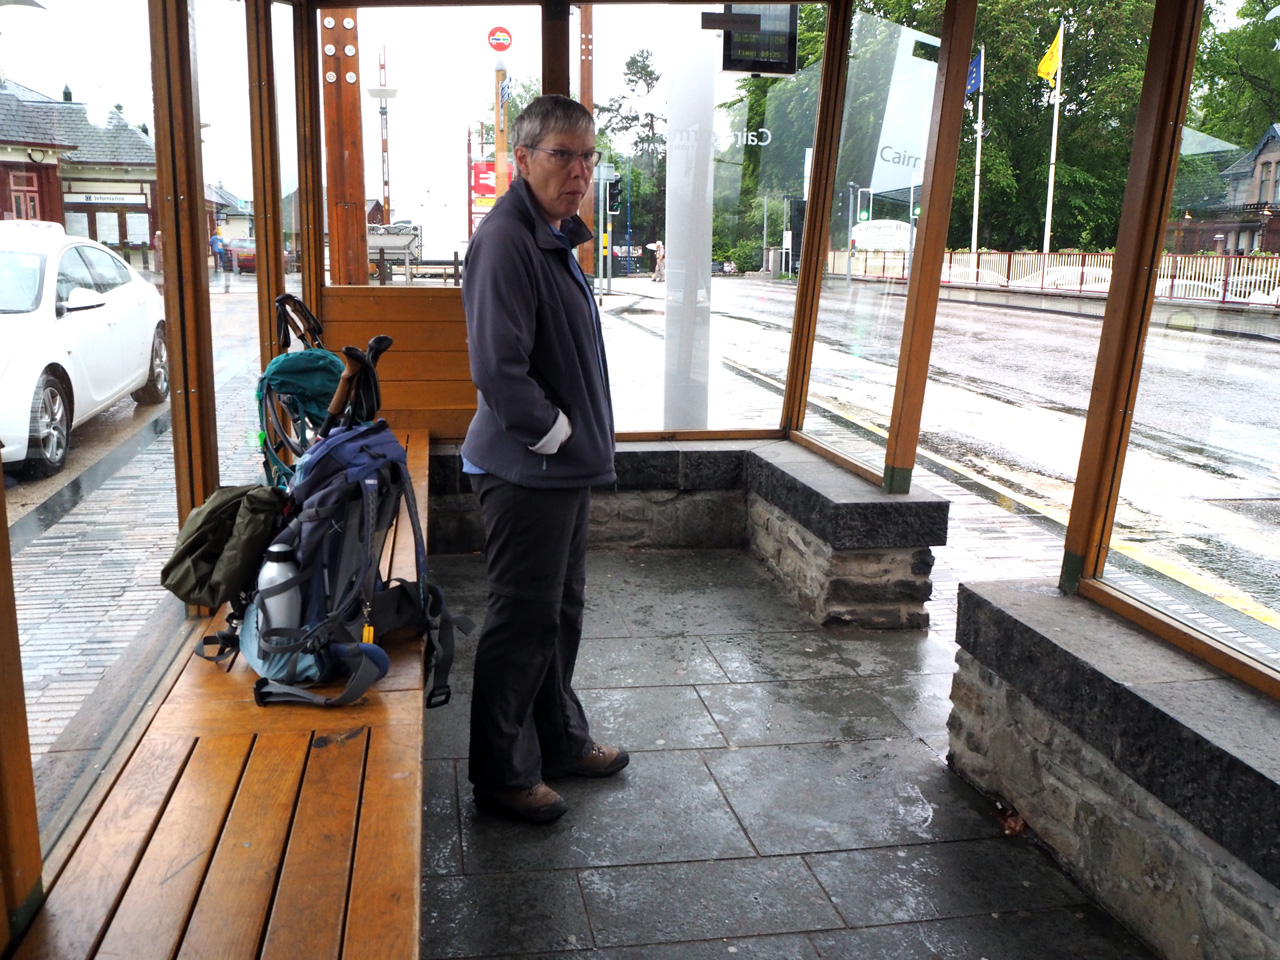 we kunnen droog wachten op de bus naar Kincraig